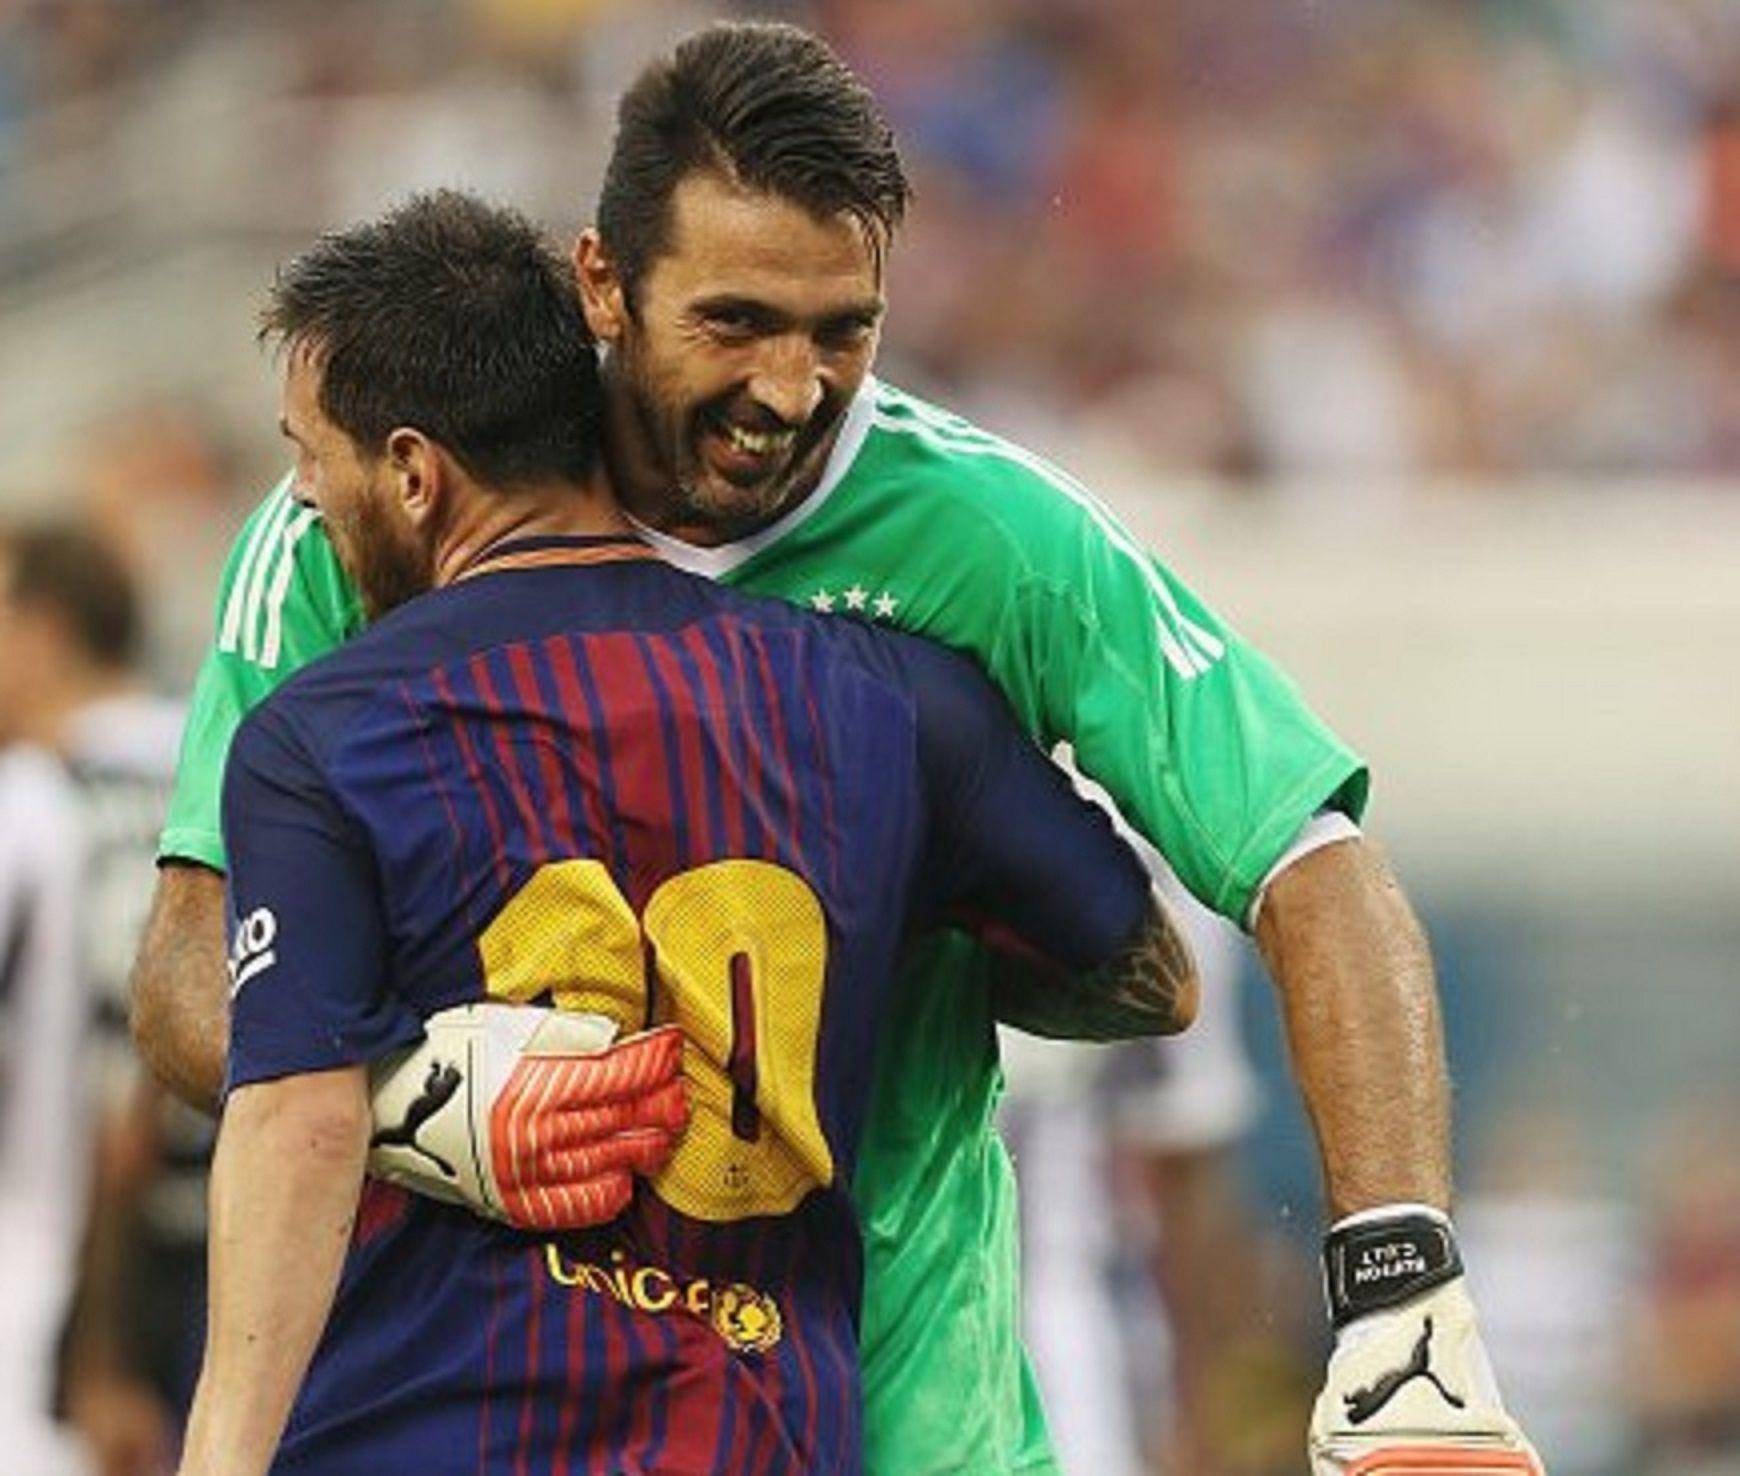 El abrazo entre Messi y Buffon